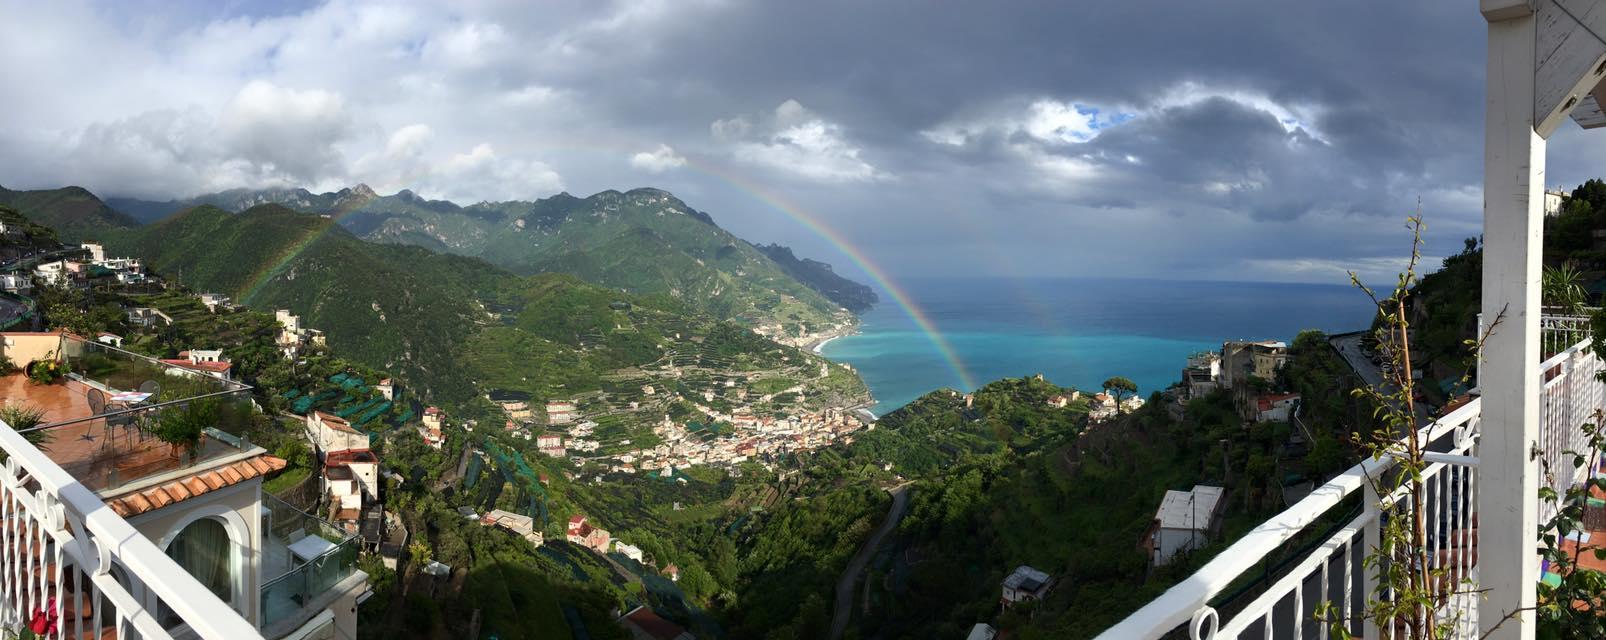 View from Ristorante Bella Vista sul Mare - Ravello